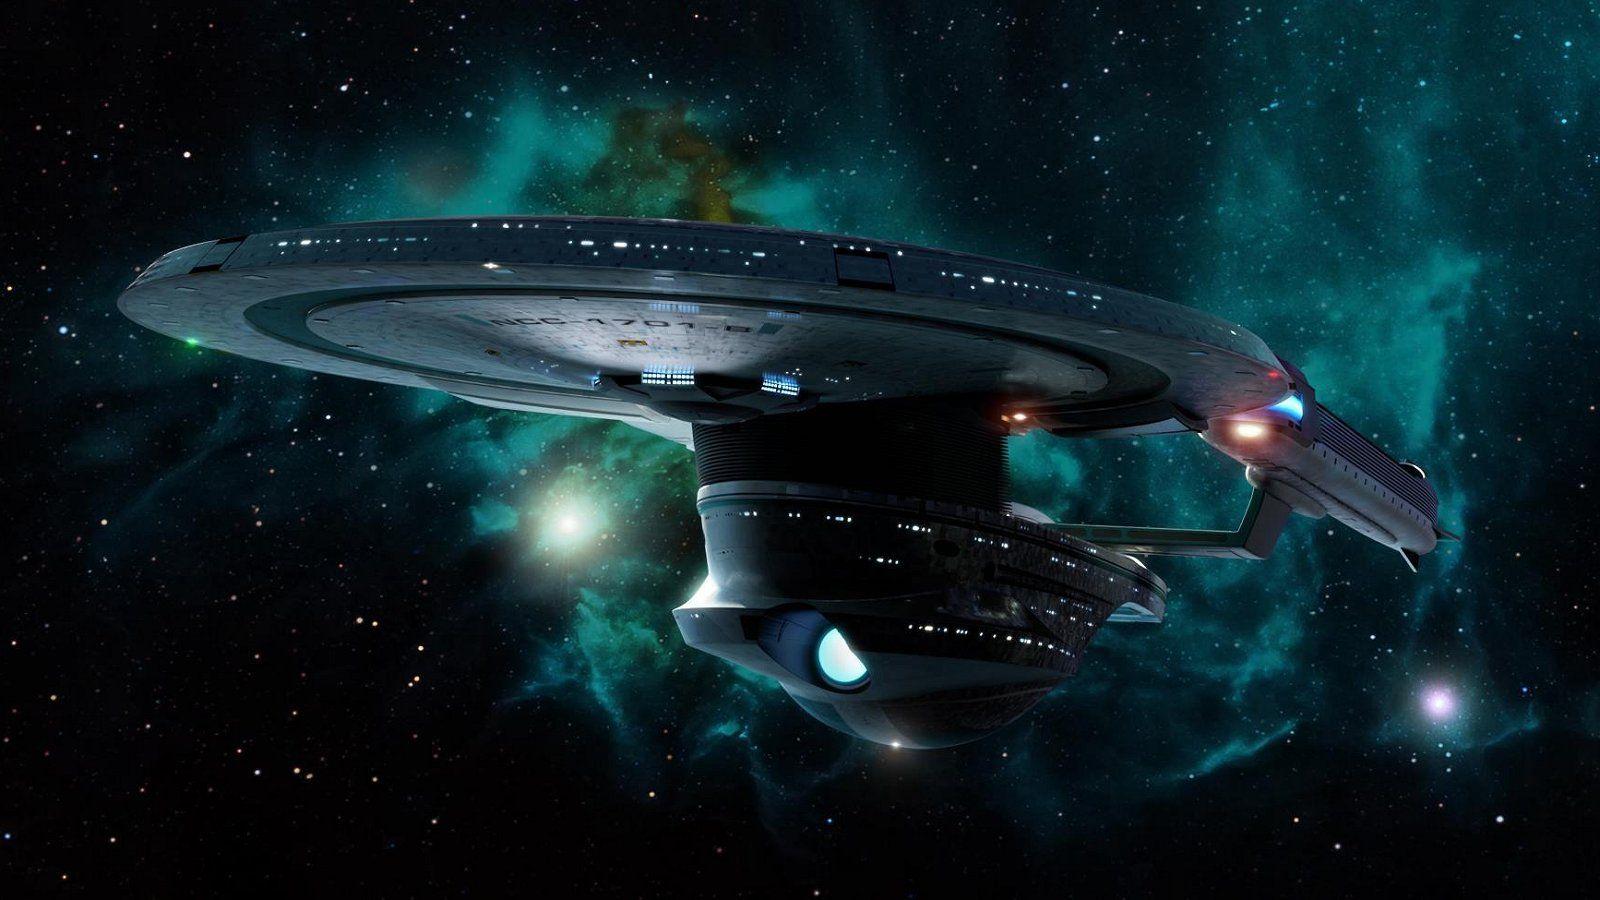 Enterprise Ncc 1701b Star Trek Wallpaper Star Trek Starships Star Trek